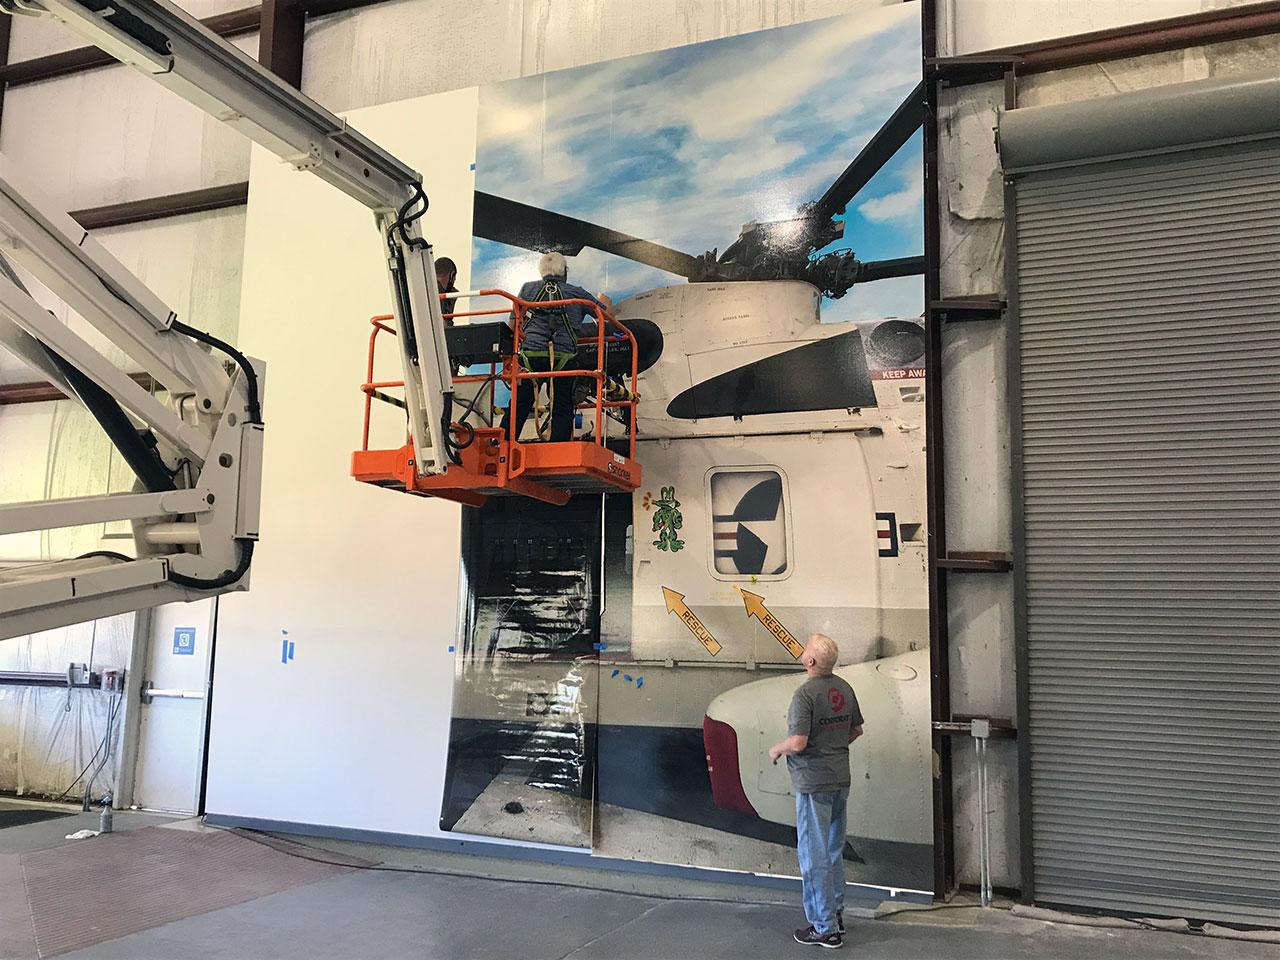 Une peinture murale photo-réaliste de Helo 66, un hélicoptère Sikorsky Sea King utilisé pour récupérer les équipages d'Apollo après leurs éclaboussures, sert de toile de fond à la statue d'Apollo 13 à l'intérieur du bâtiment Saturn V au Space Center Houston.